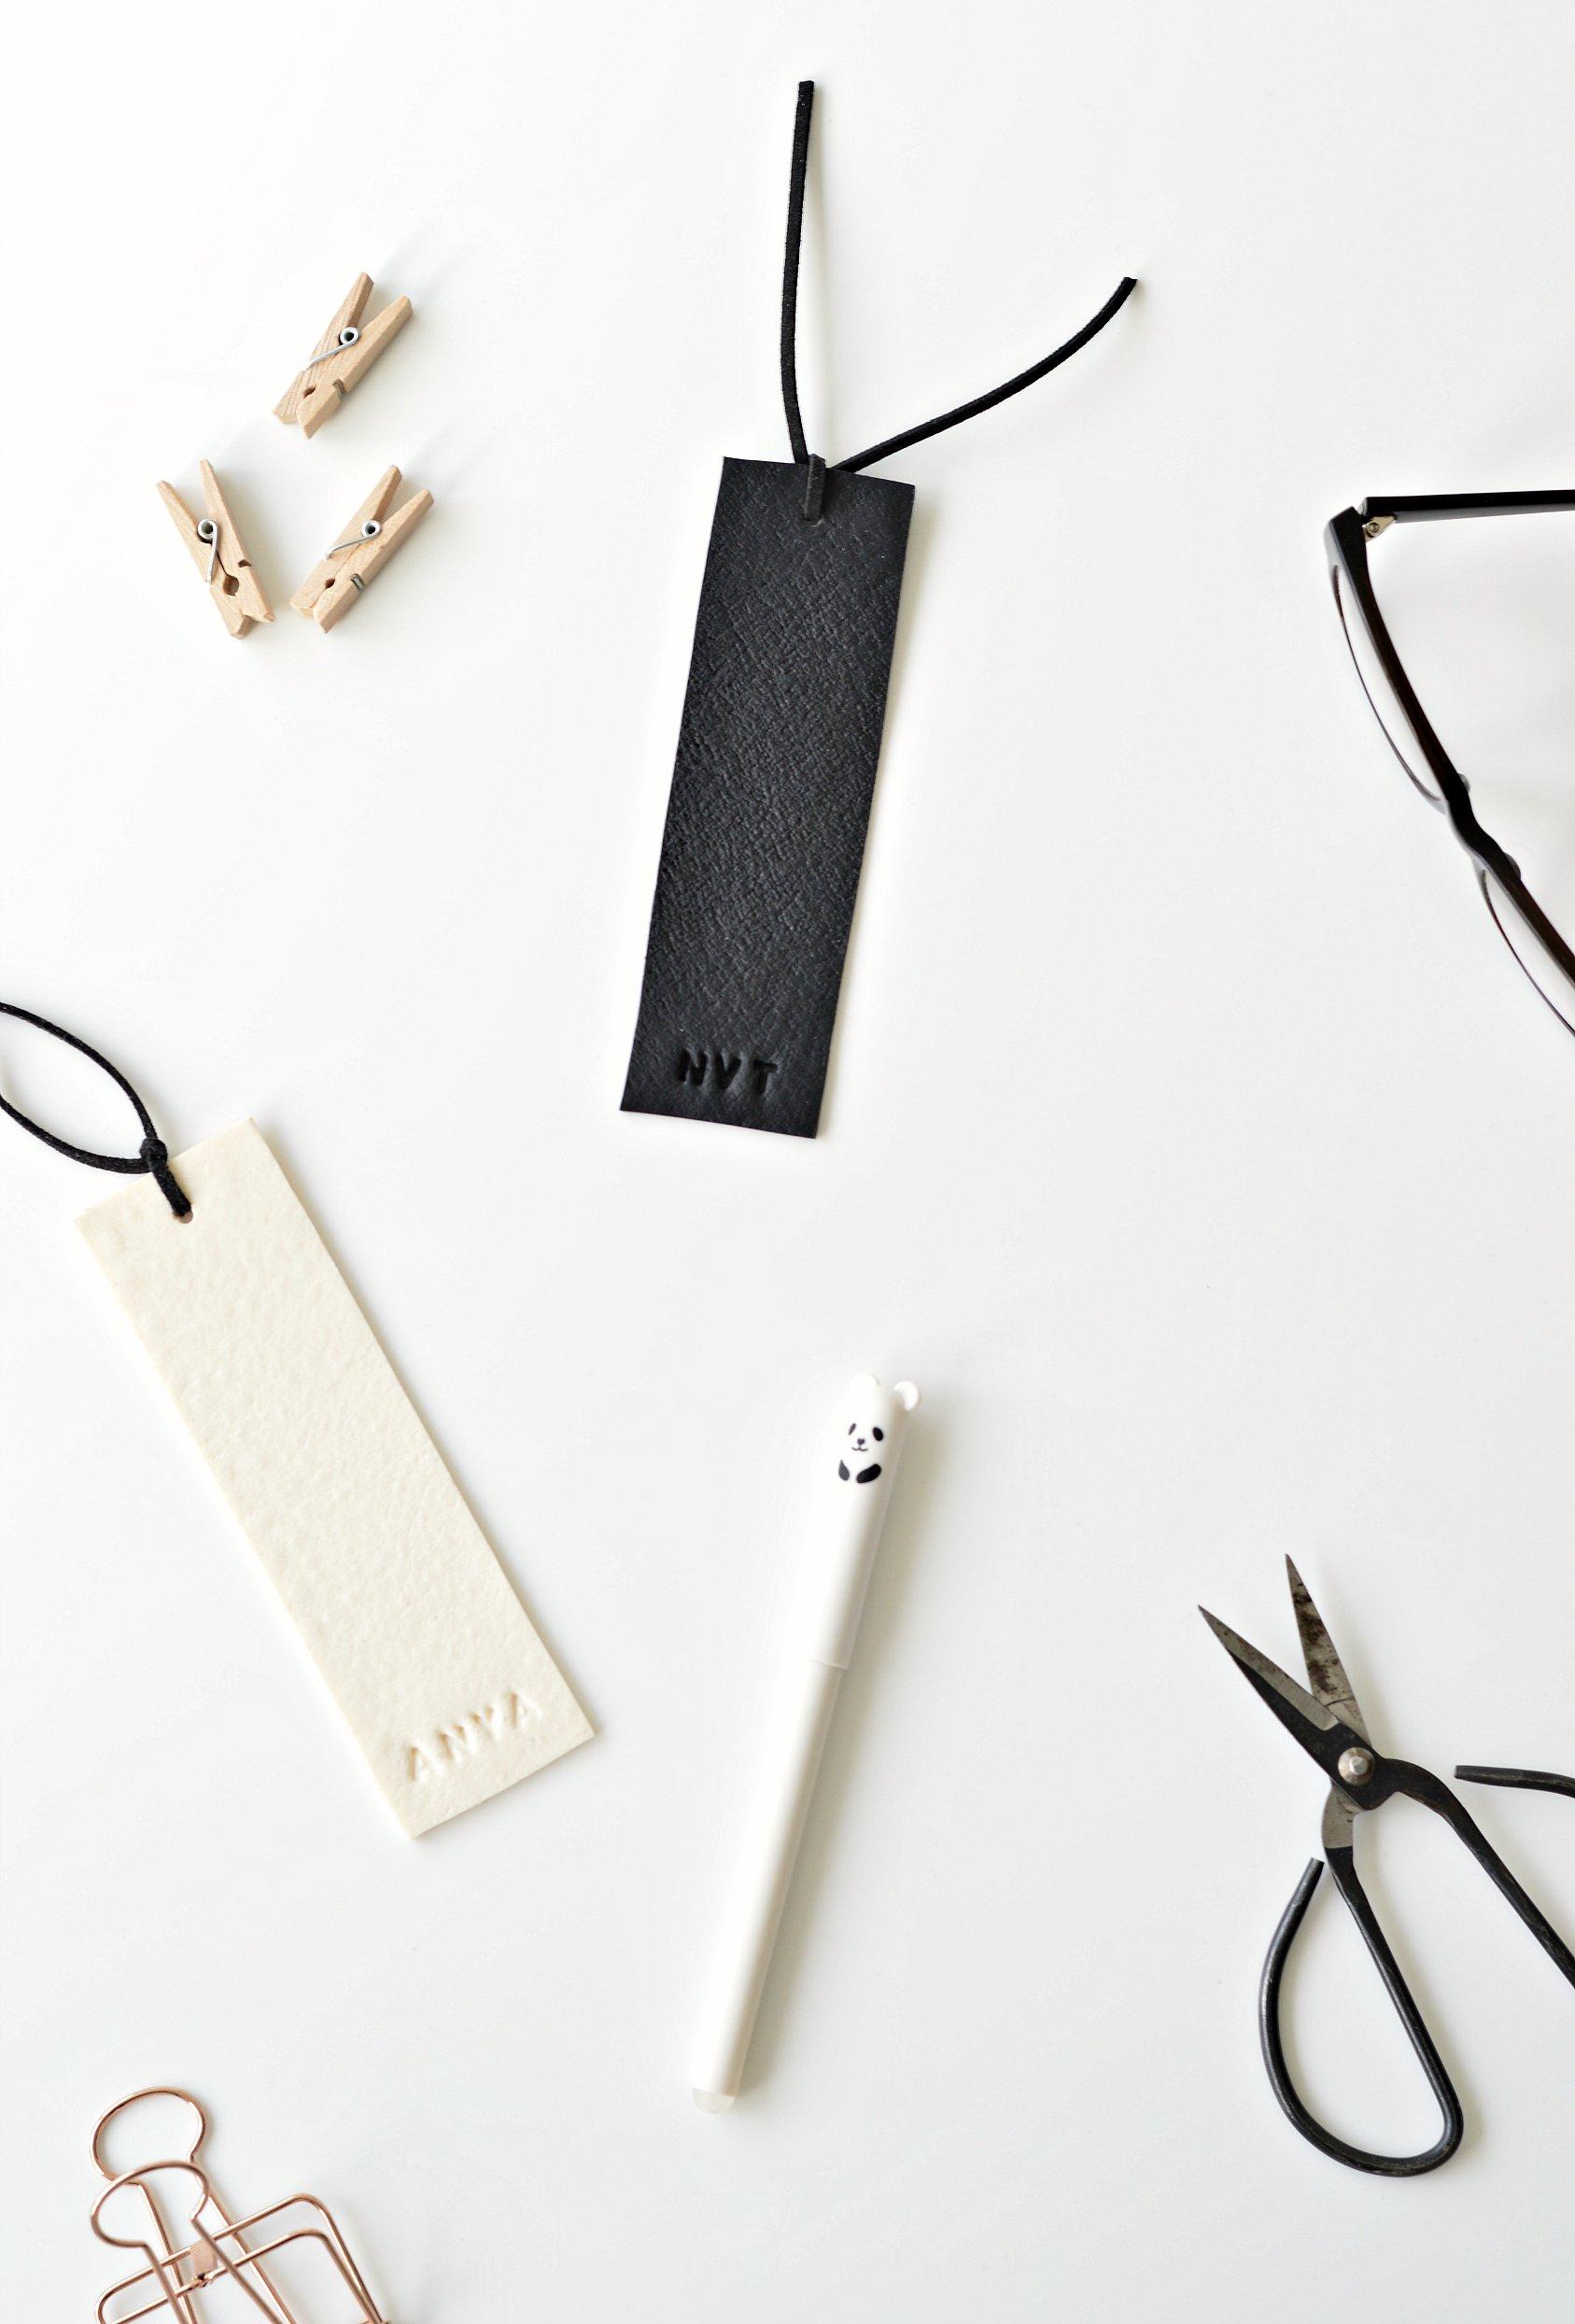 DIY personalised bookmarks